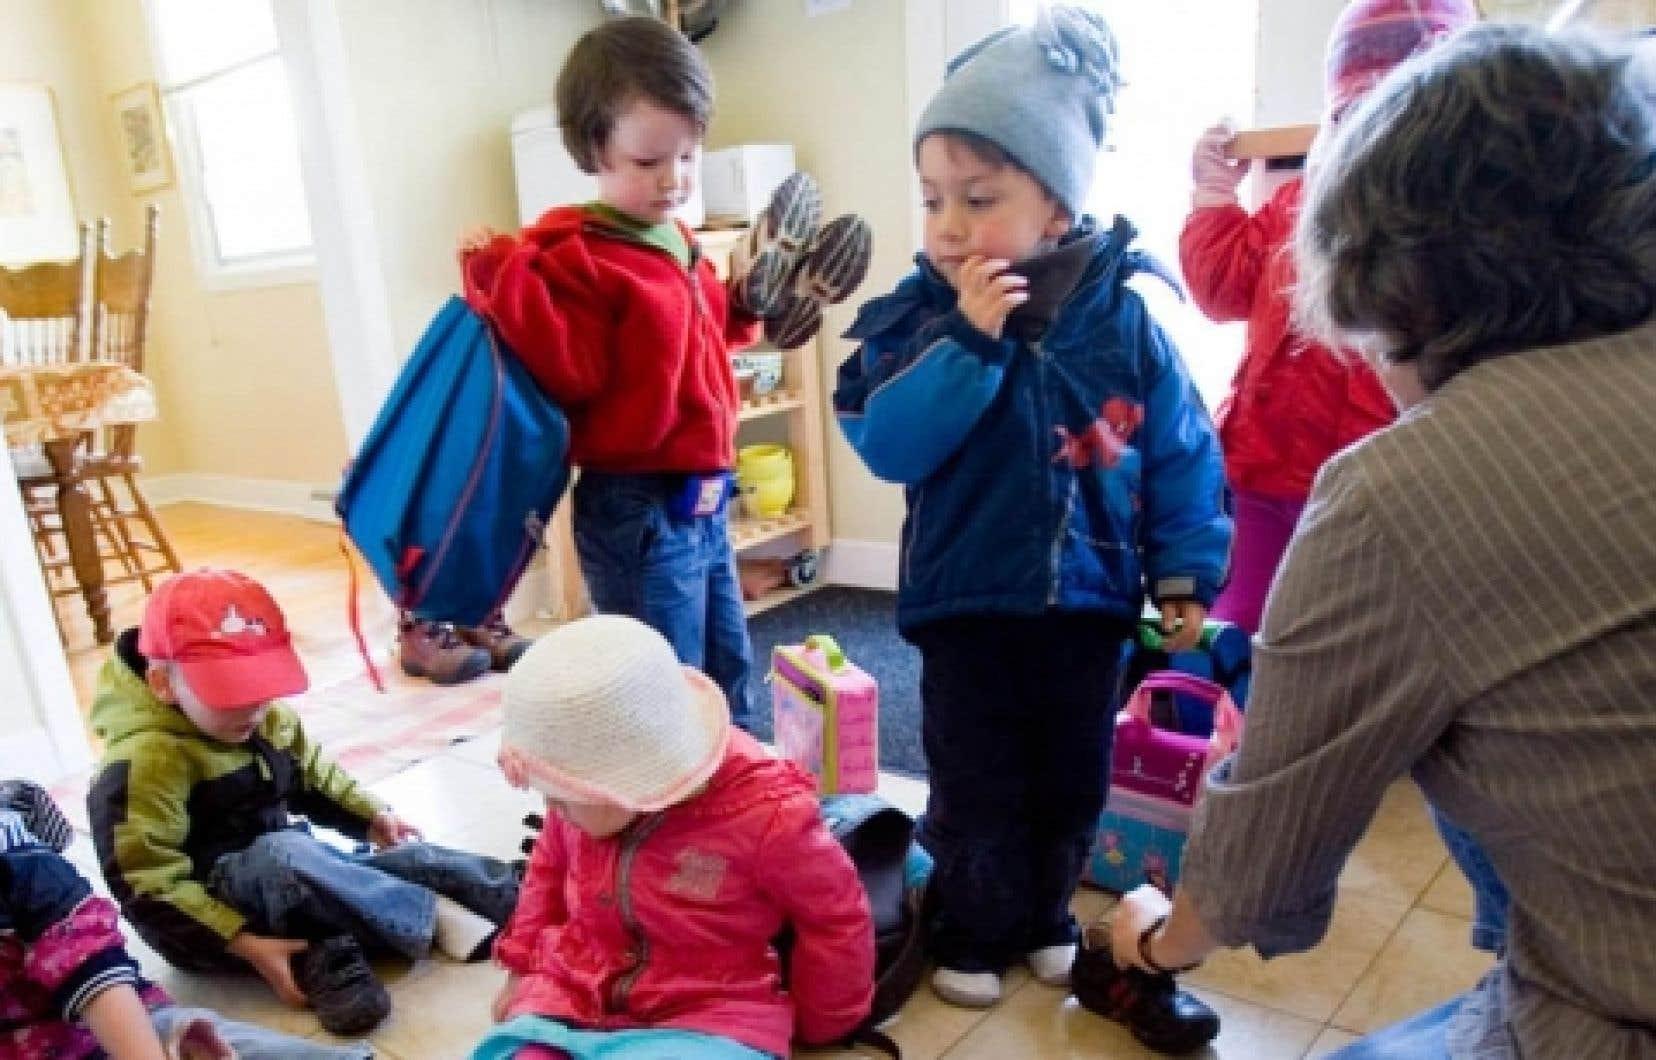 Entre 2007 et 2009, le nombre moyen d'enfants inscrits sur la liste d'attente de chaque Centre de la petite enfance (CPE) est passé de 435 à 620.